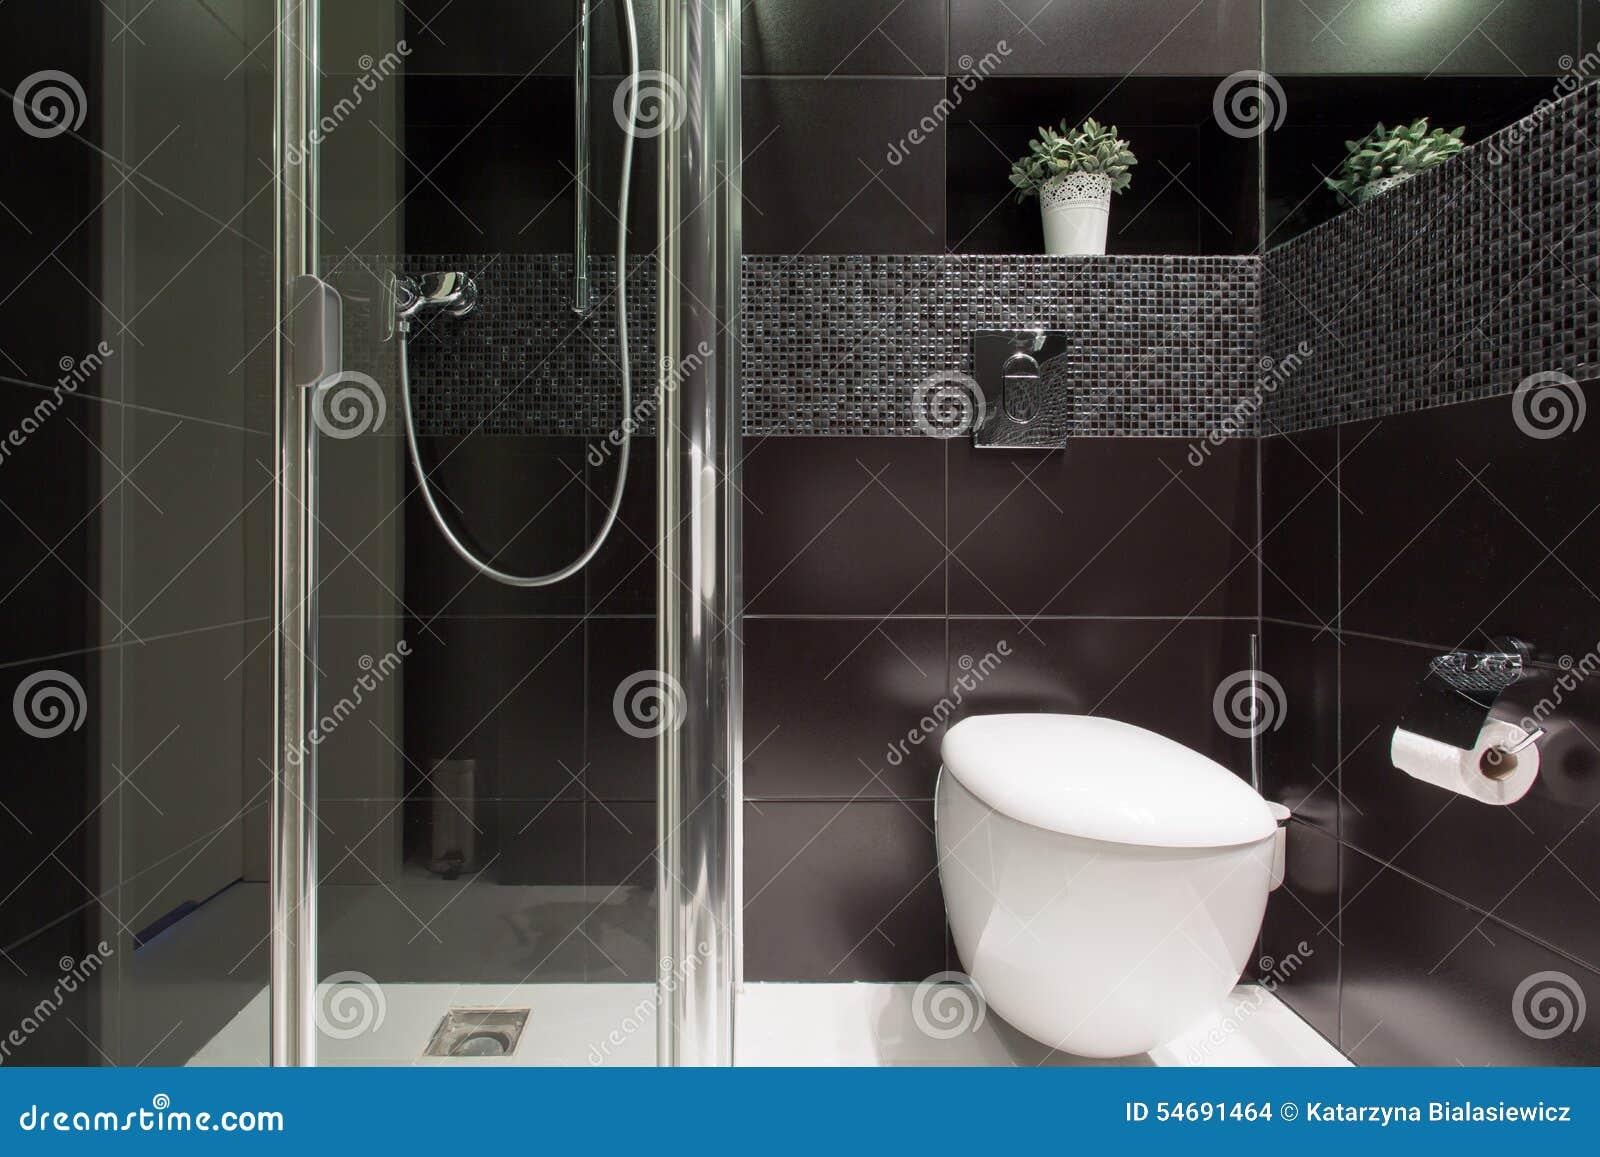 Bagni Piastrelle Nere : Mattonelle nere al bagno fotografia stock immagine di igiene